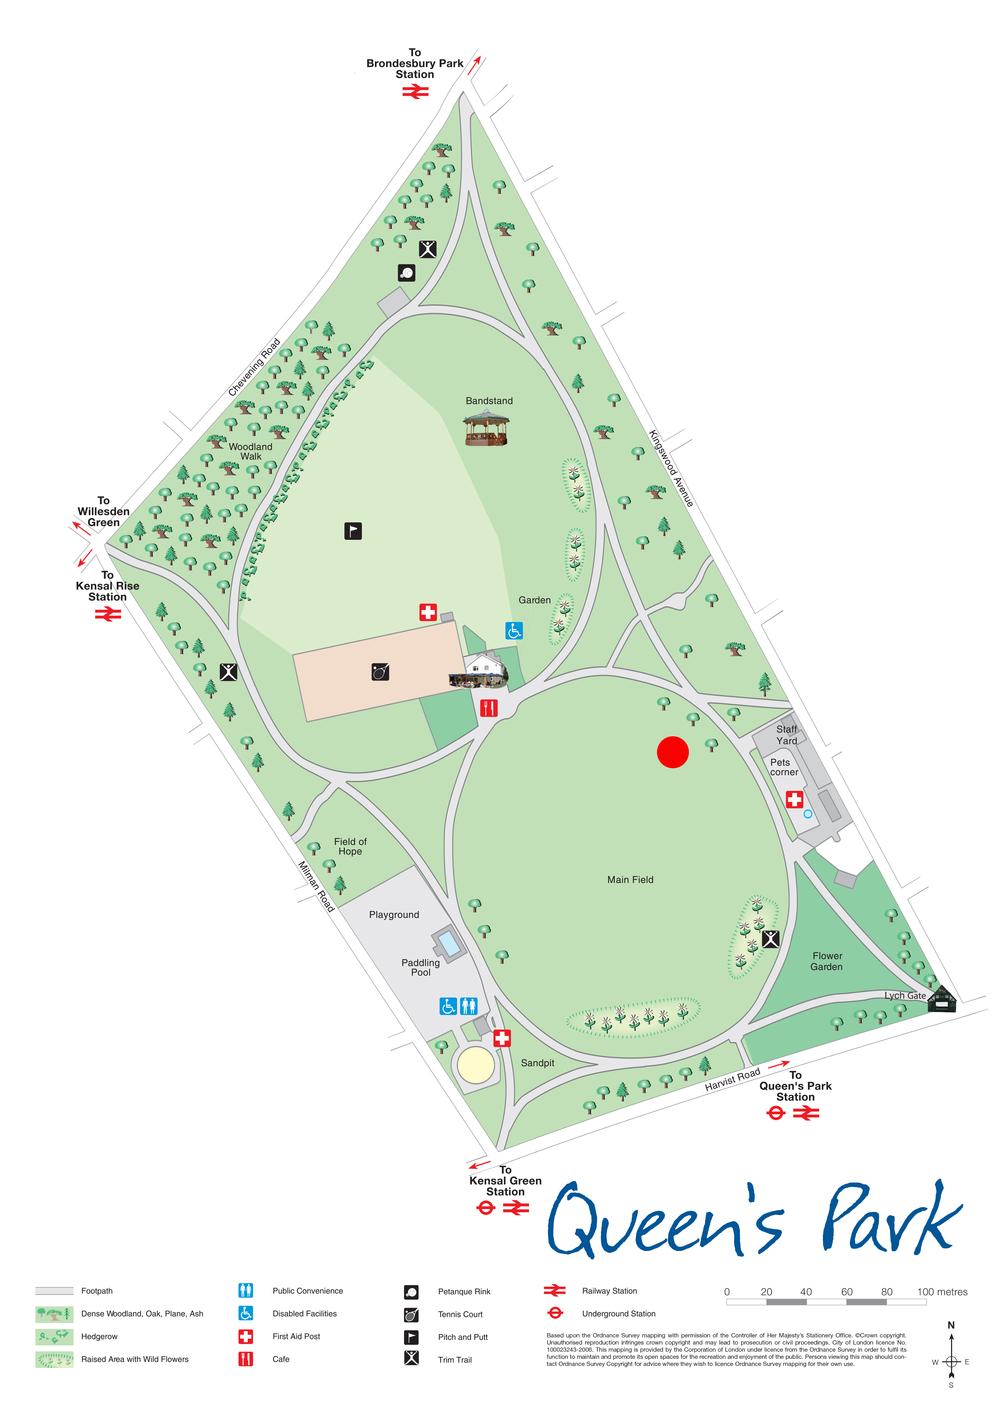 Meet at the red circle